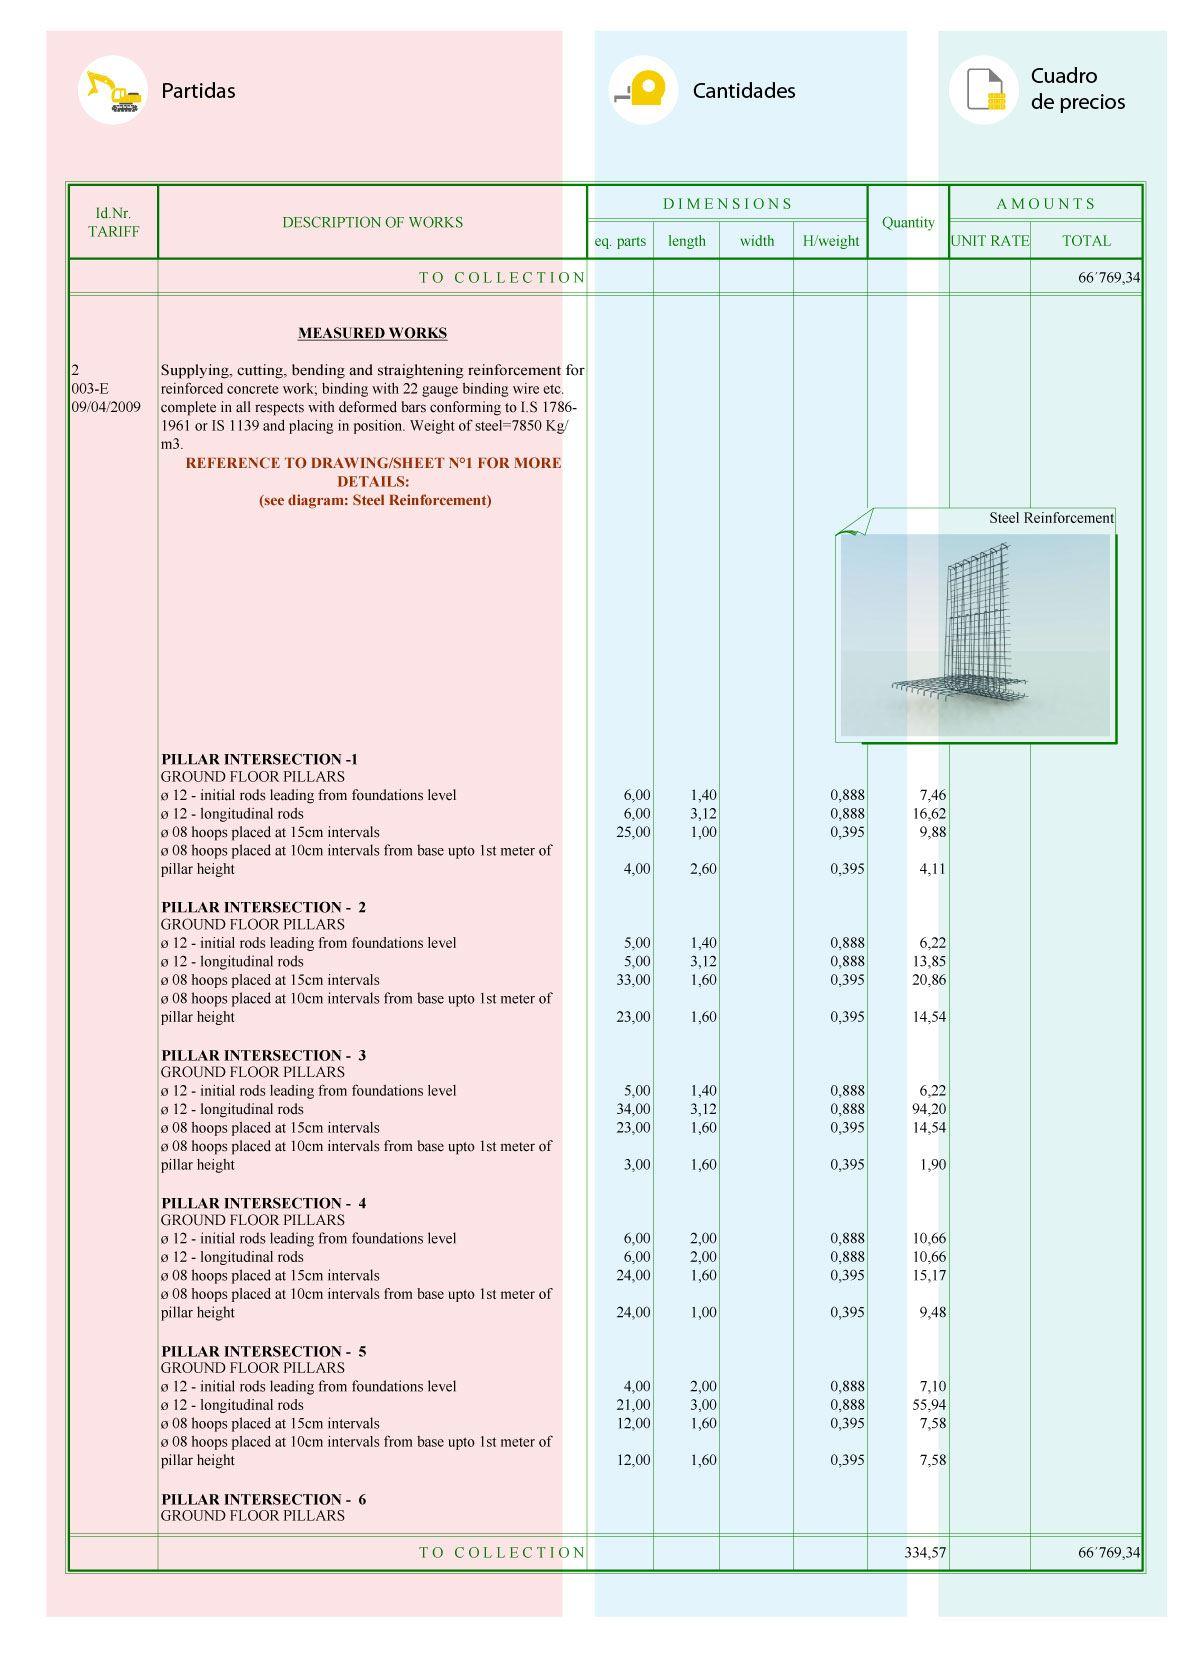 imagen que muestra una plantilla de presupuesto con detalle de las columnas relaticas a descripción, mediciones y cantidades